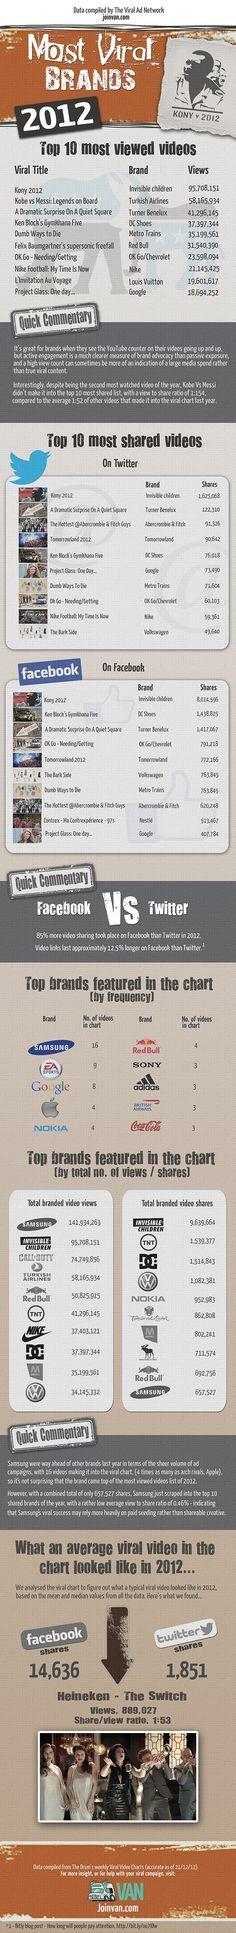 Las campañas con resultados más virales del 2012...